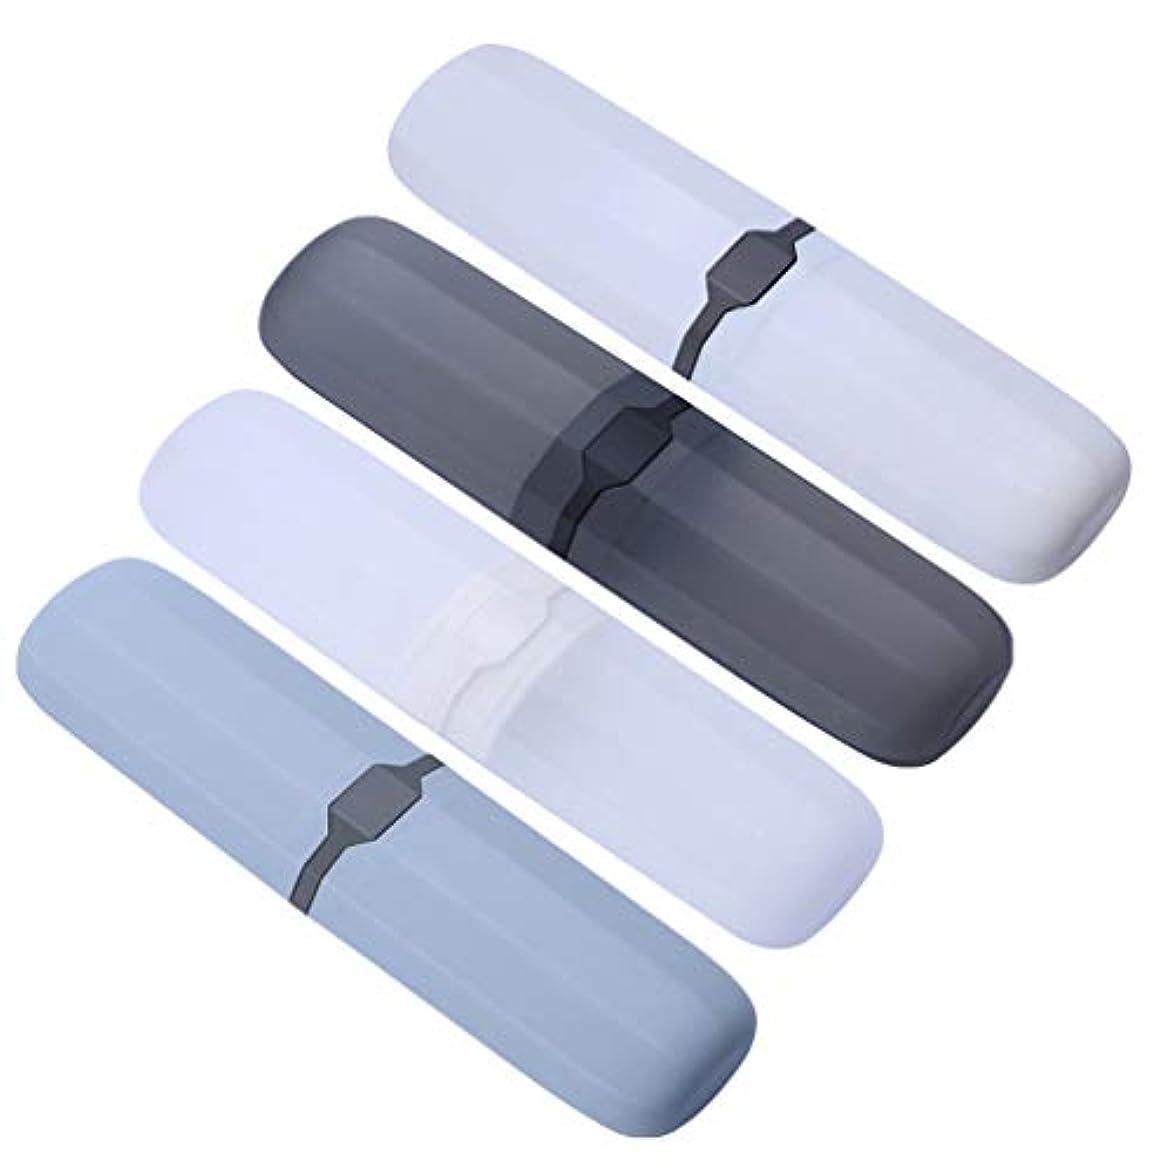 人口きょうだい原子炉Healifty Toothbrush Case Portable Toothpaste Storage Box for Travel 4PCS